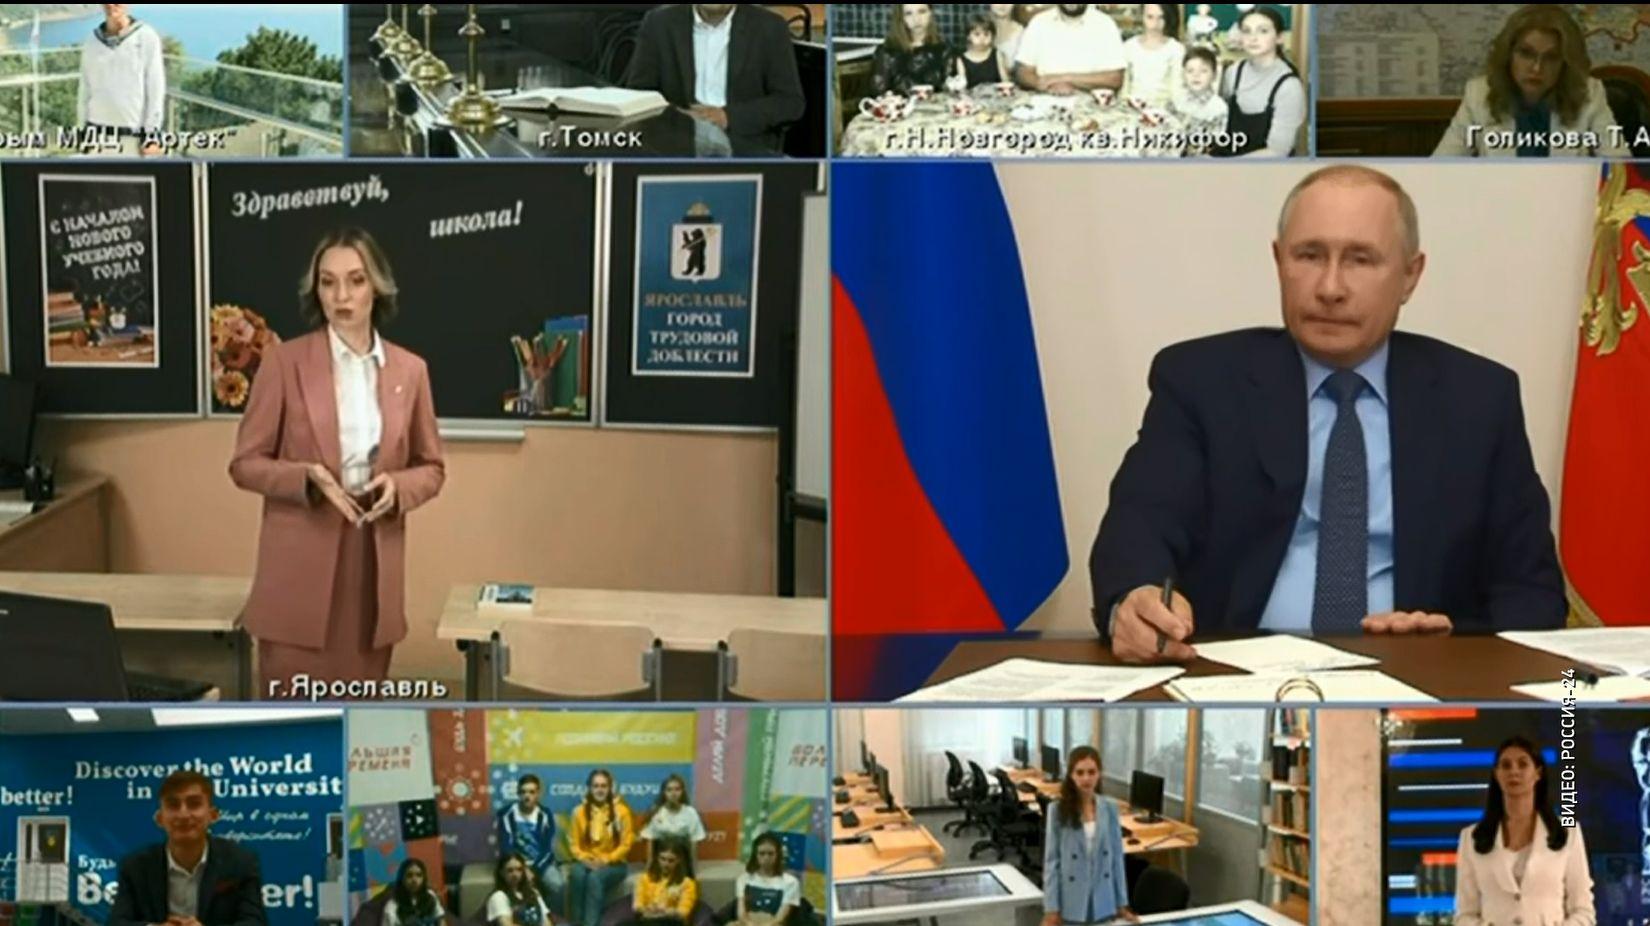 Учитель истории и обществознания из Ярославля побеседовала с Владимиром Путиным